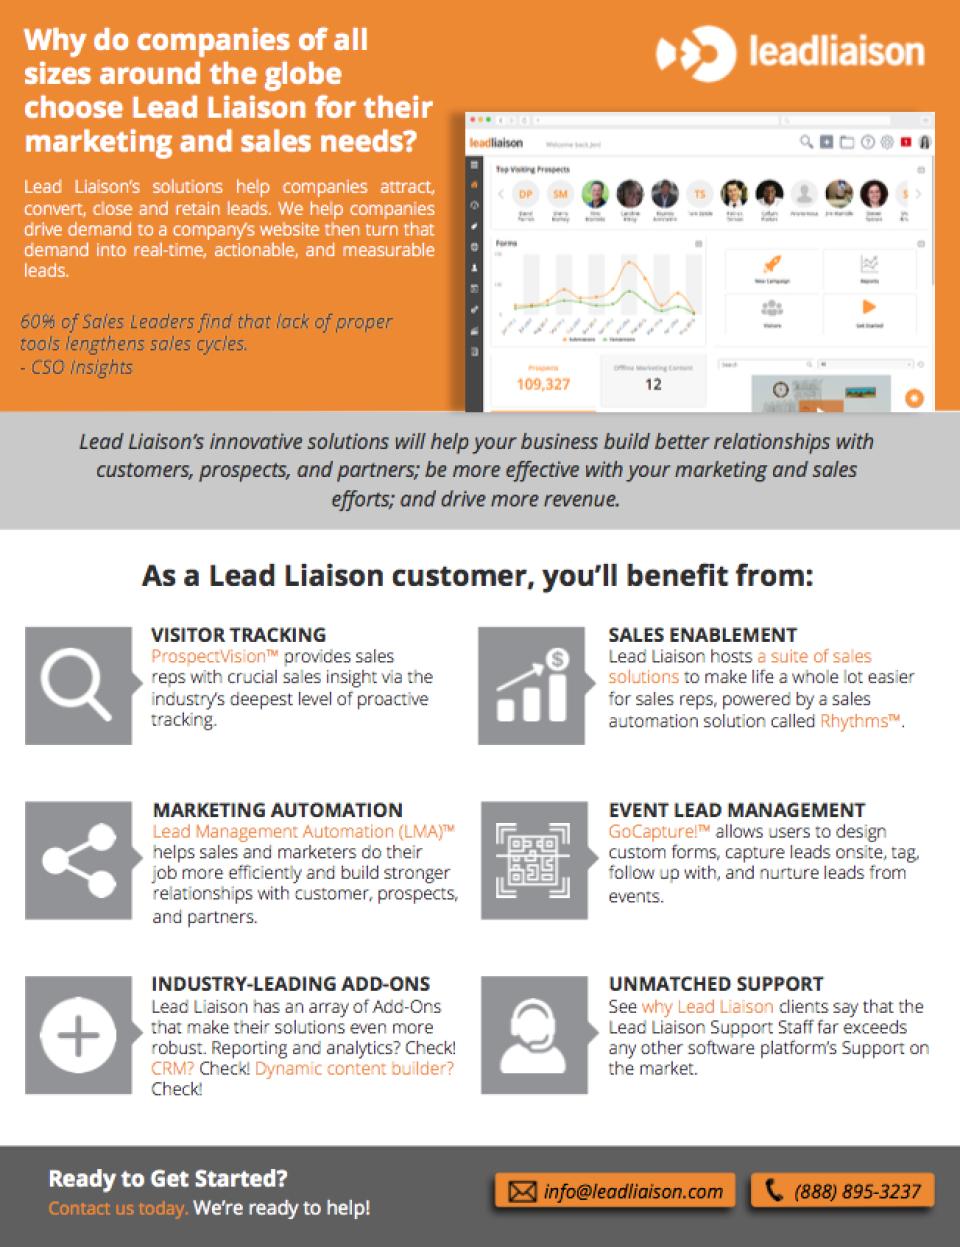 Lead Liaison Logiciel - 1